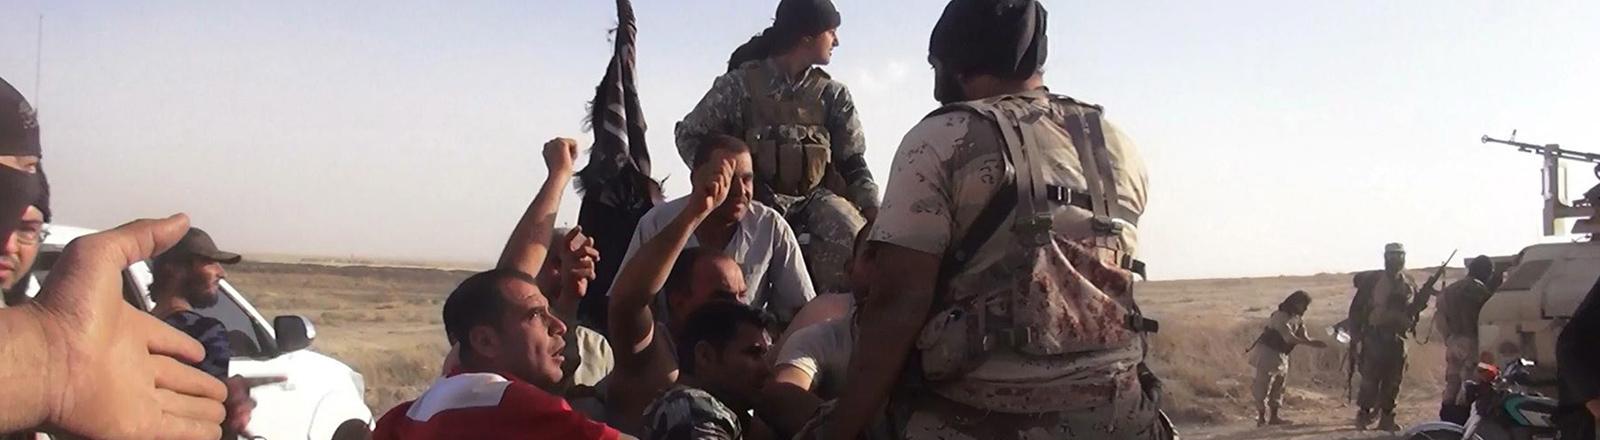 IS-Kämpfer präsentieren sich gerne auf Fotos und verbreiten diese per Twitter.